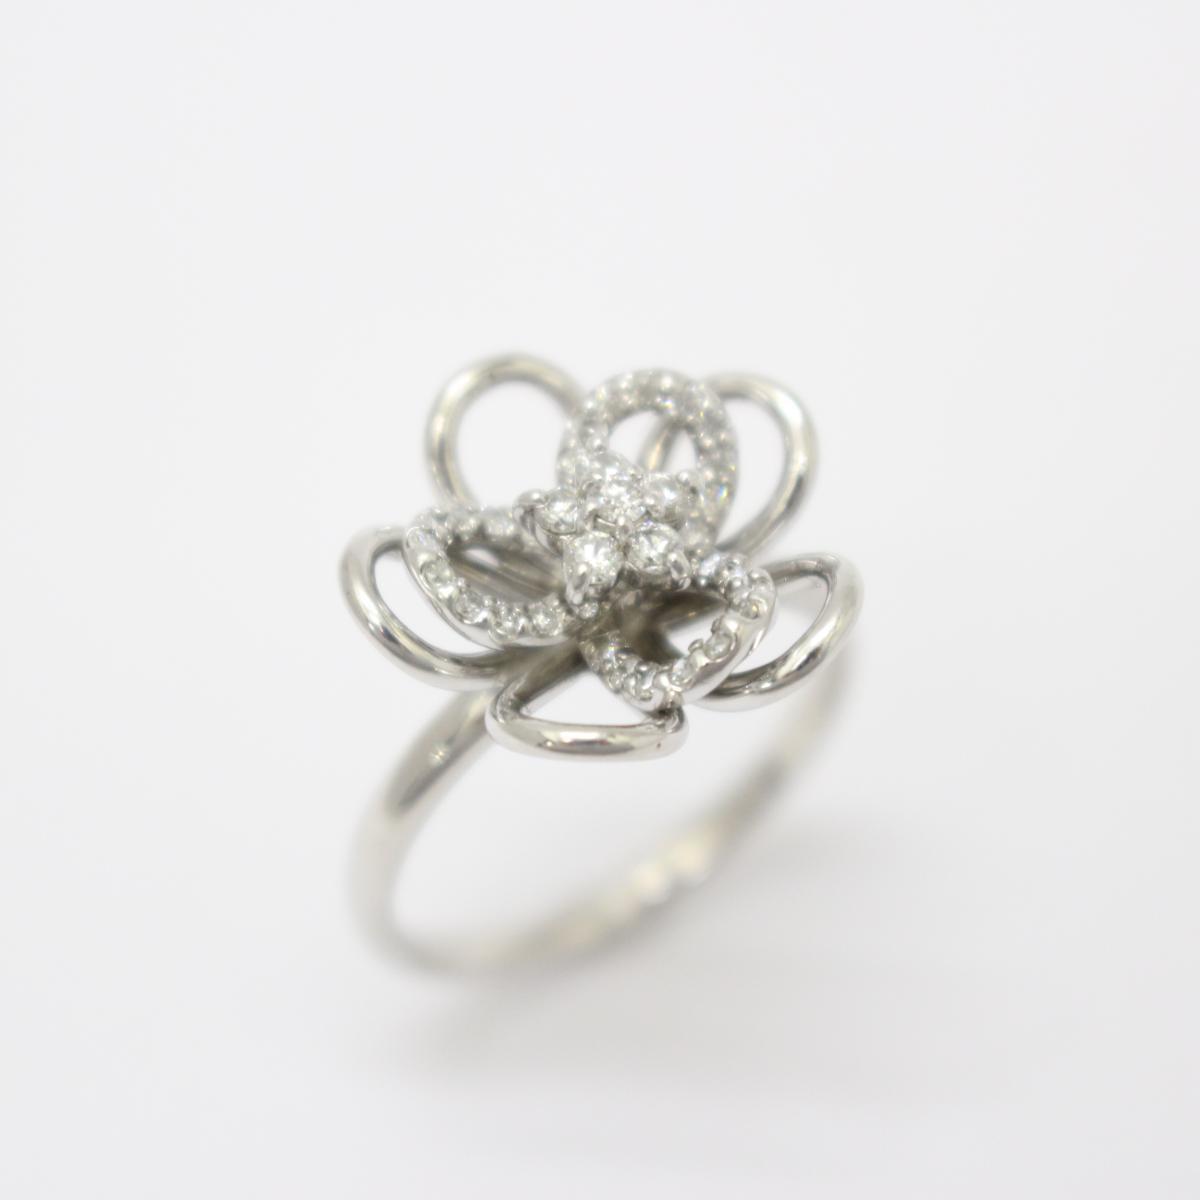 【中古】ジュエリー ダイヤモンド リング 指輪 ノーブランドジュエリー レディース K18WG(750) ホワイトゴールド